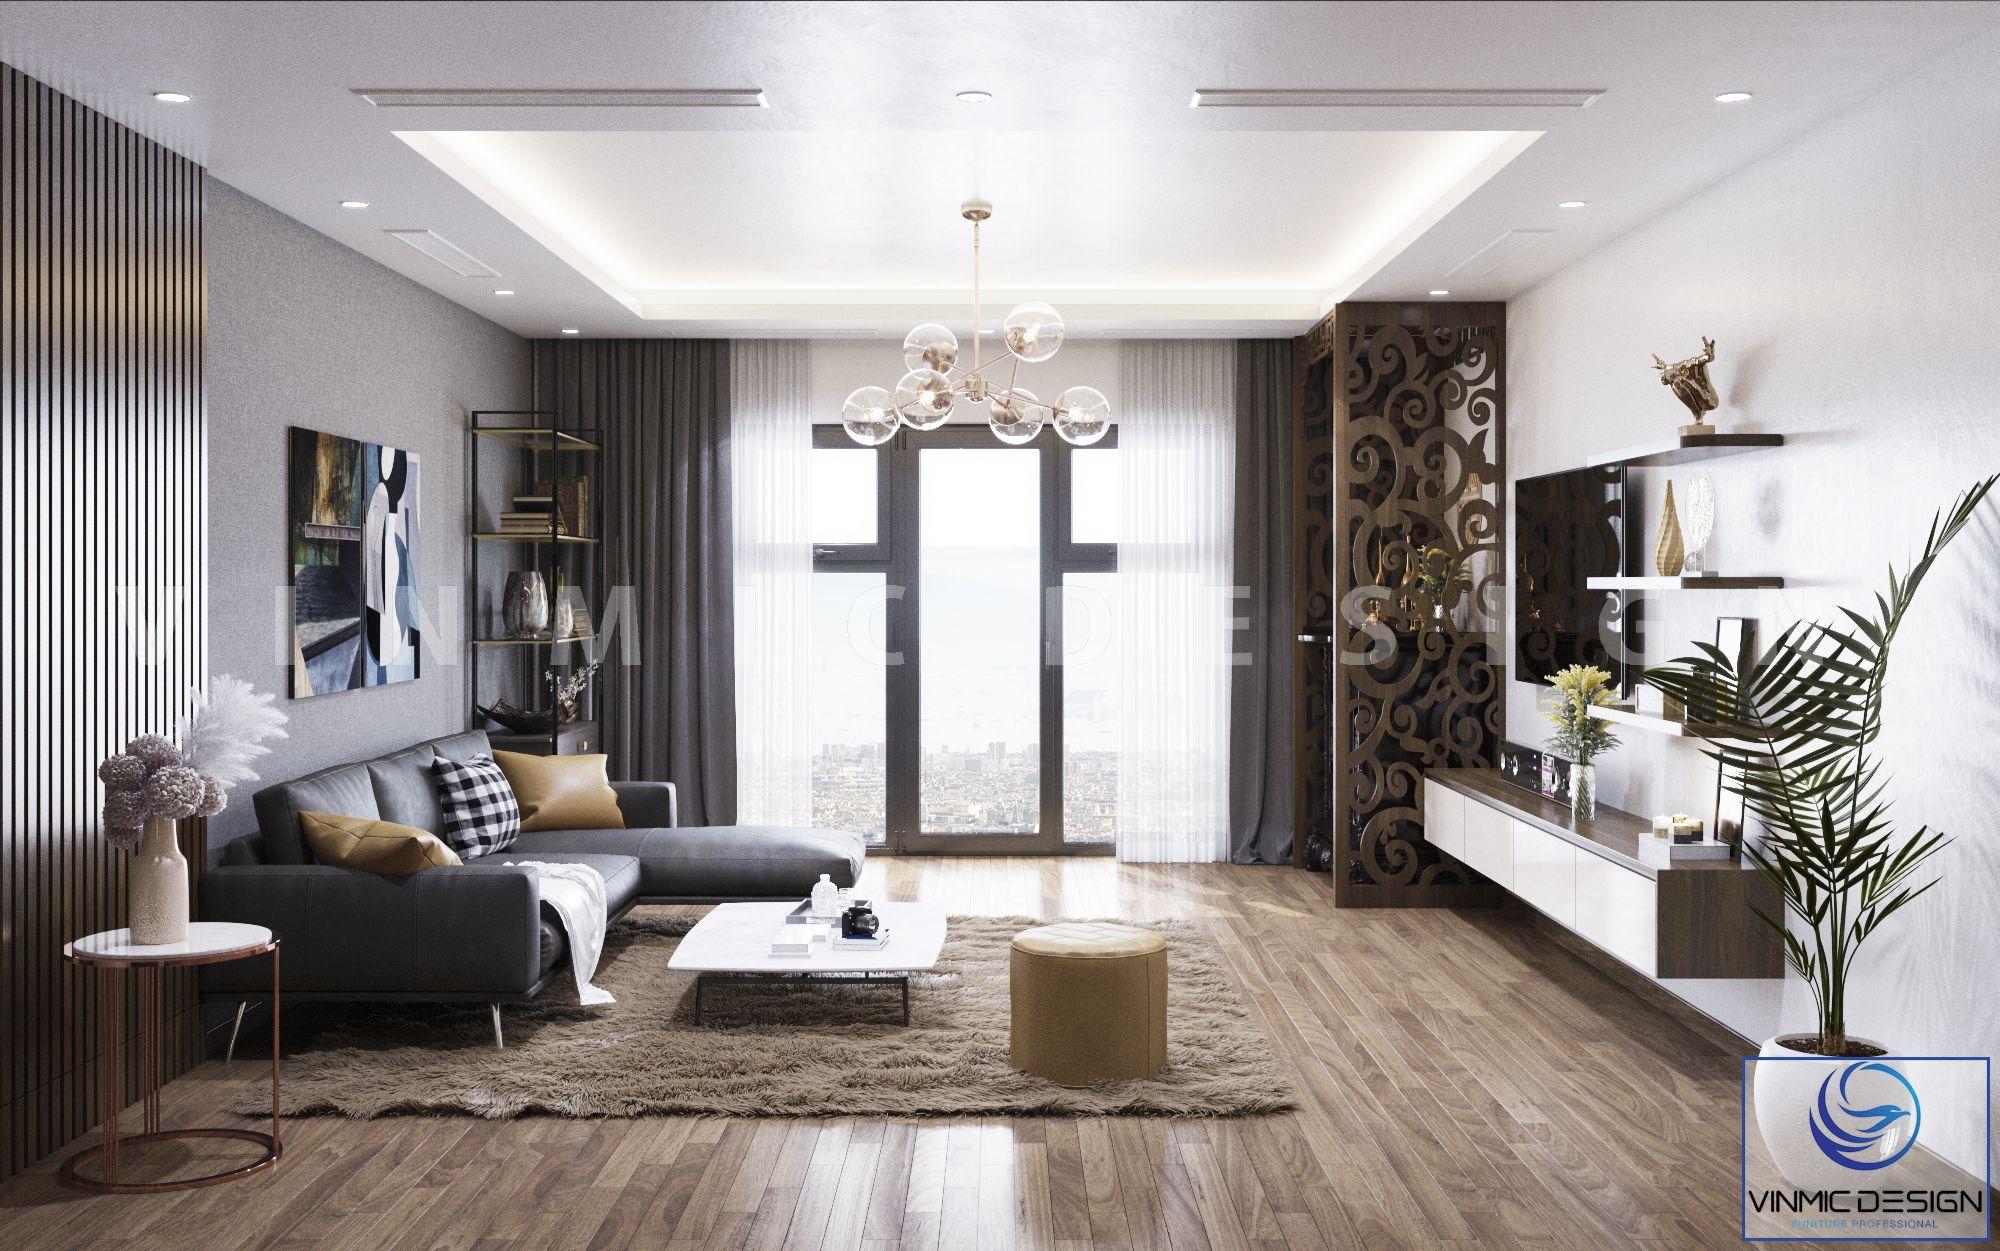 Thiết kế phòng khách chung cư hiện đại đơn giản